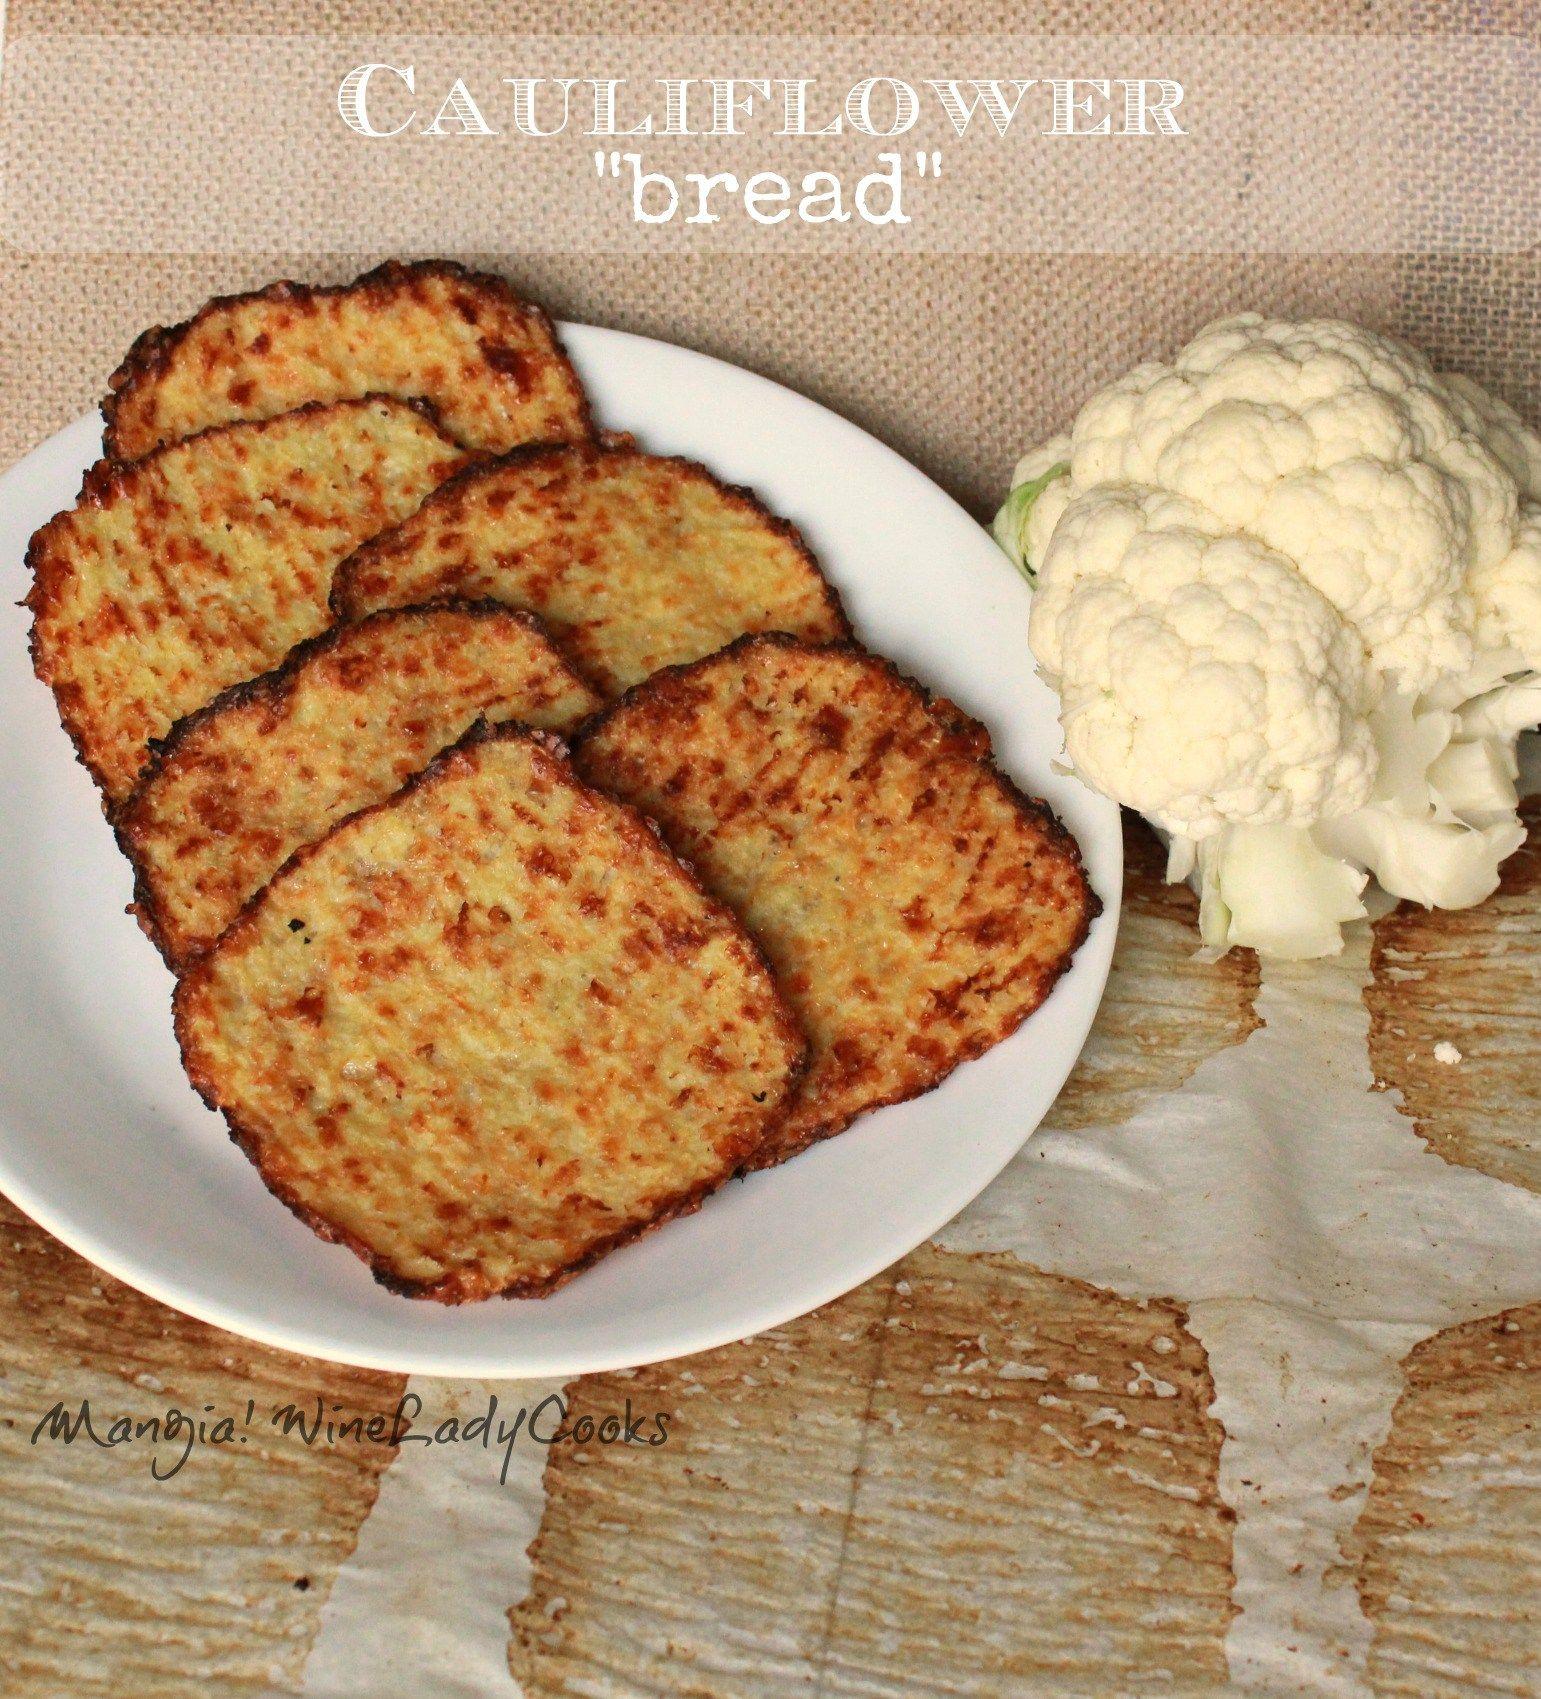 Homemade Cauliflower Bread Slices Gluten Free Recipe